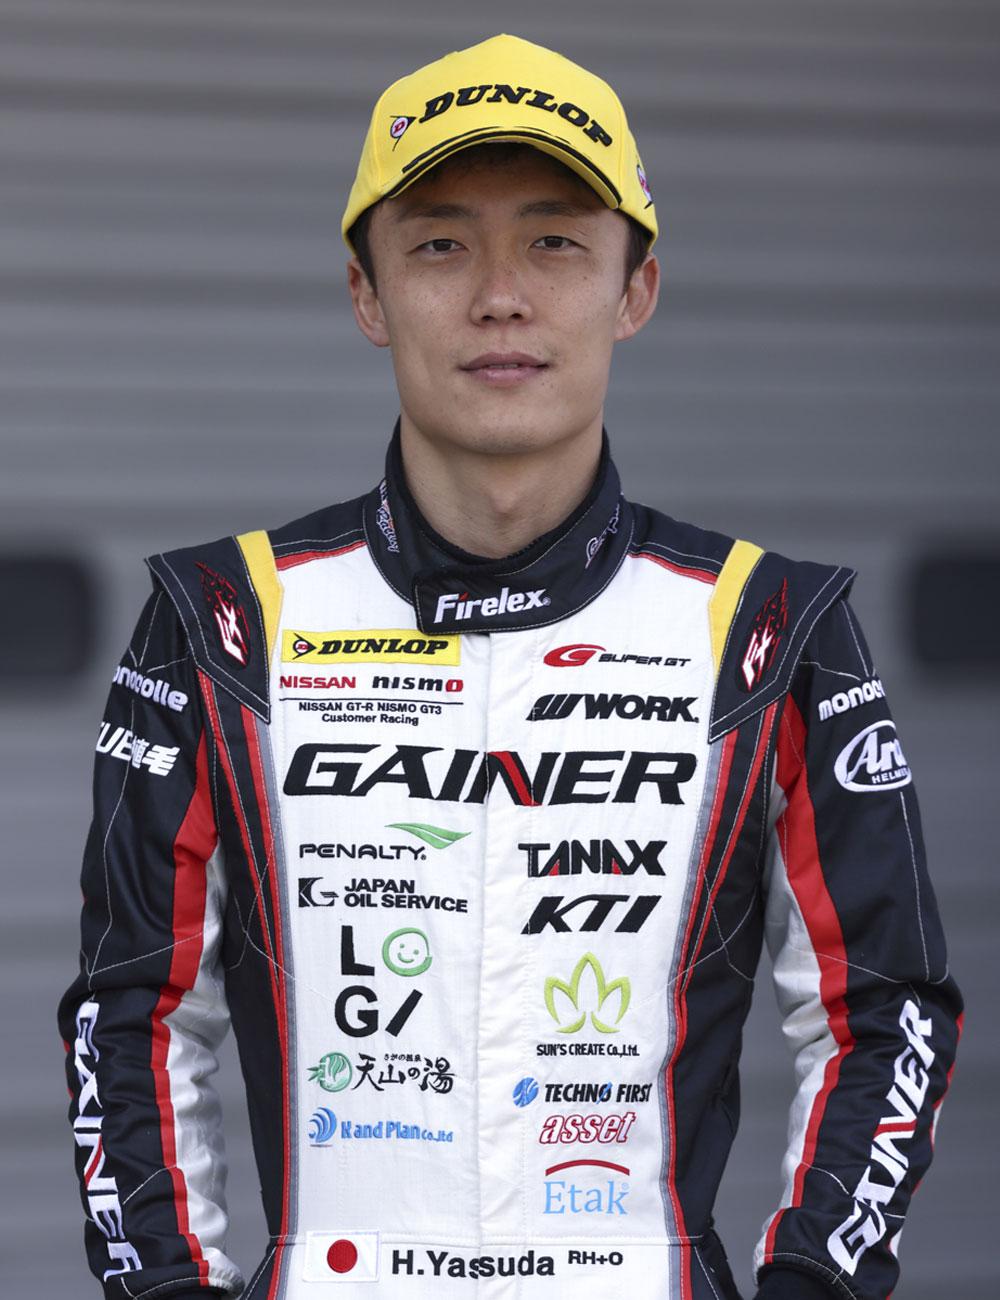 安田 裕信